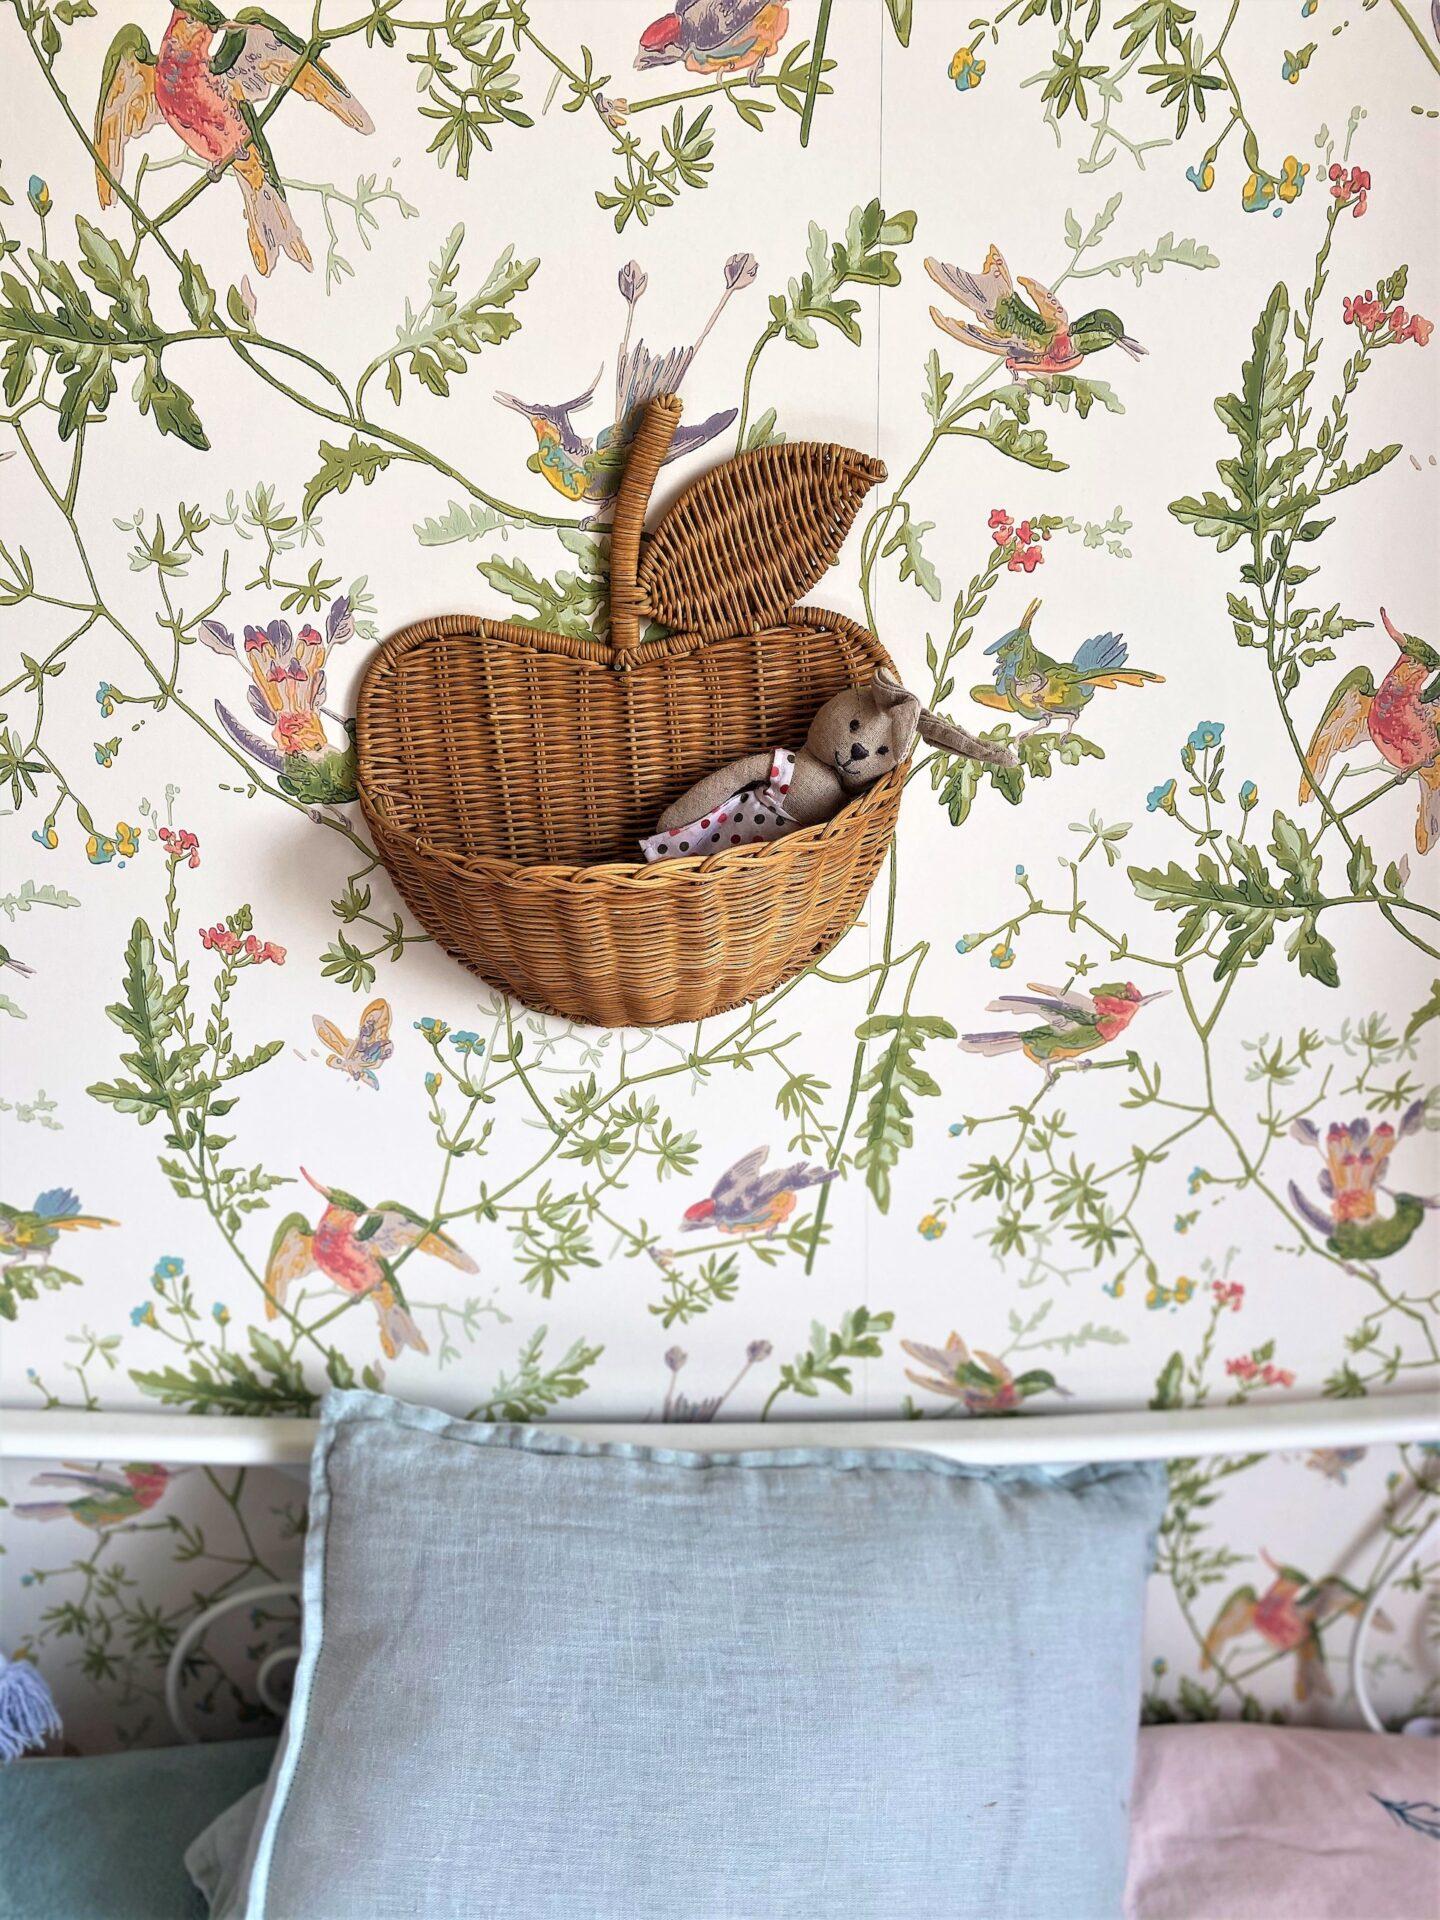 Décoration et agencement Villa à Saint Maximin - La chambre fille avec papier peint oiseaux et pomme en rotin, par Myll décors , Agence de décoration à Aix en provence et dans le Var